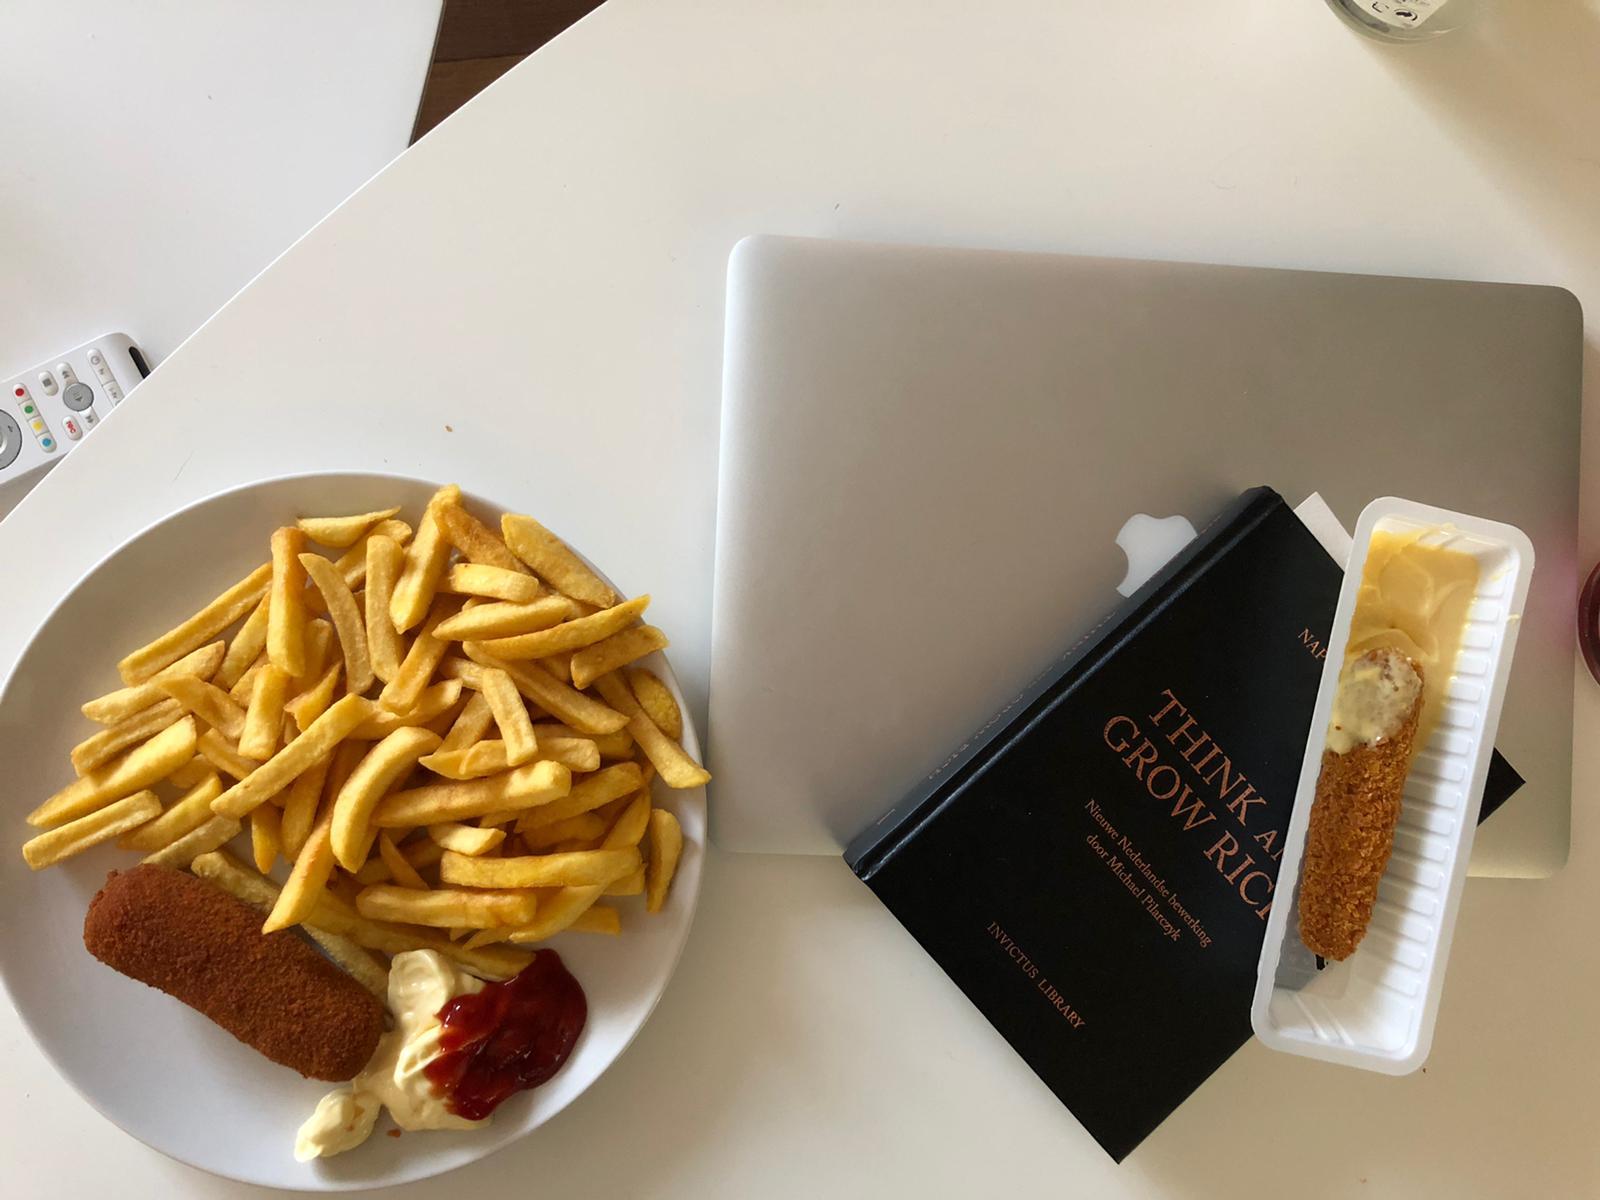 Patat en snacks